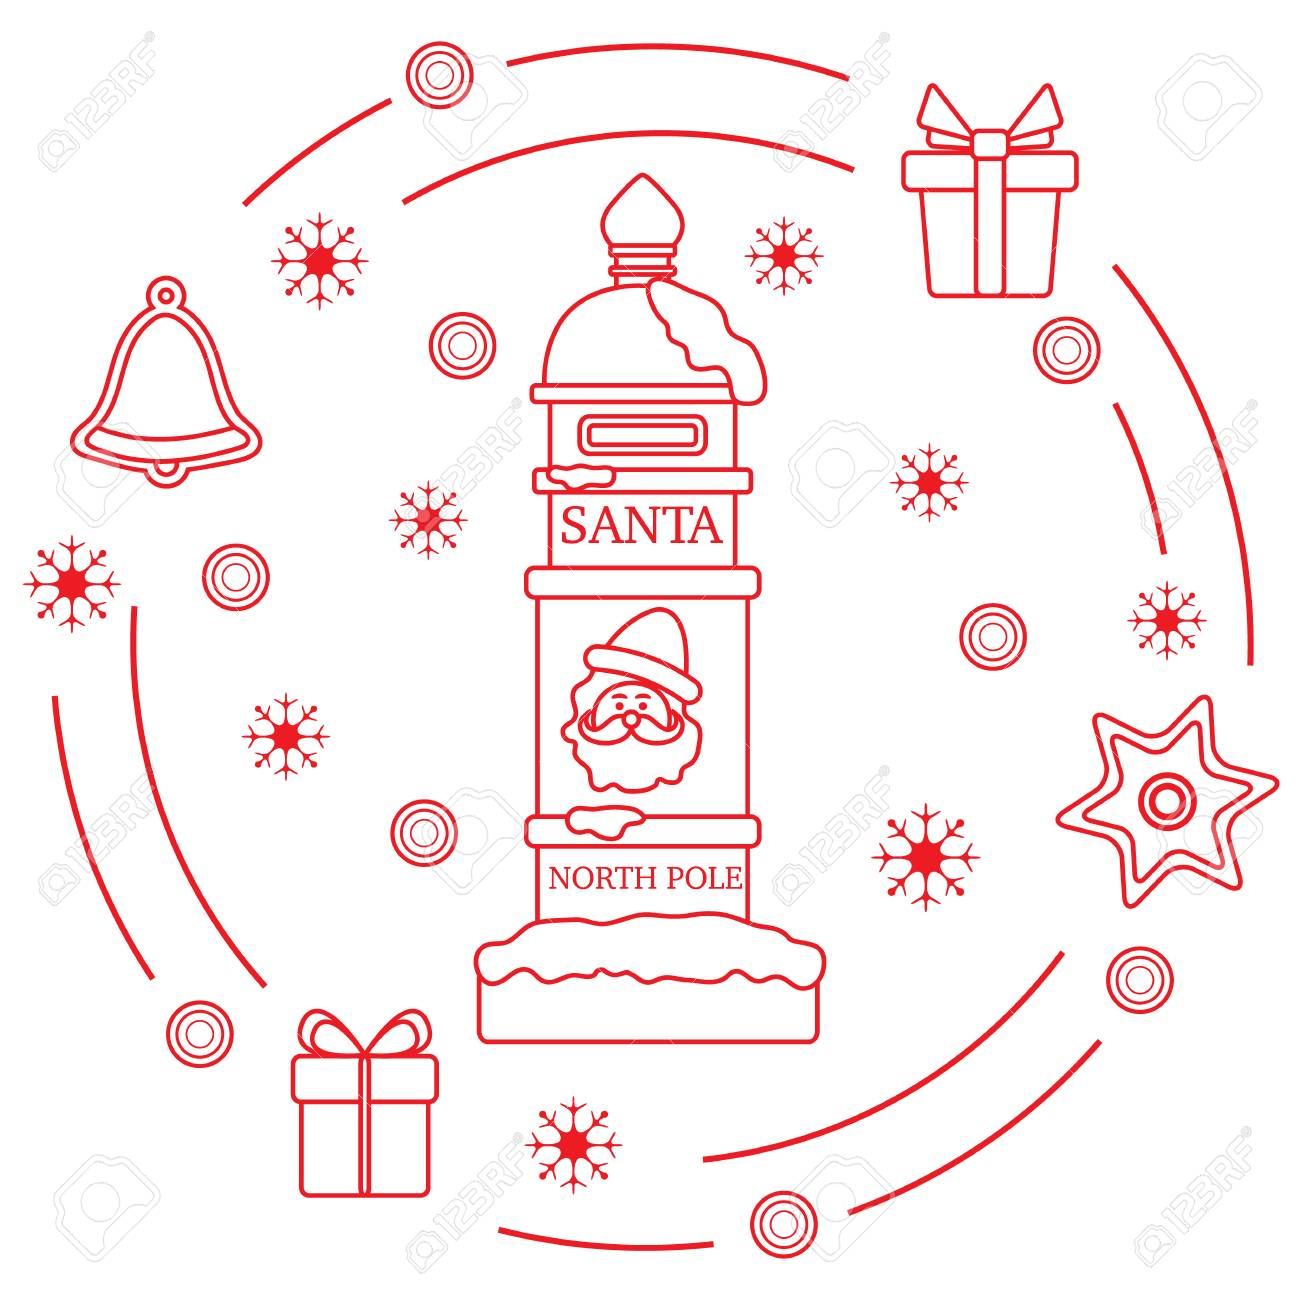 Santas Mailbox Gifts Bell Gingerbread Star Snowflakes